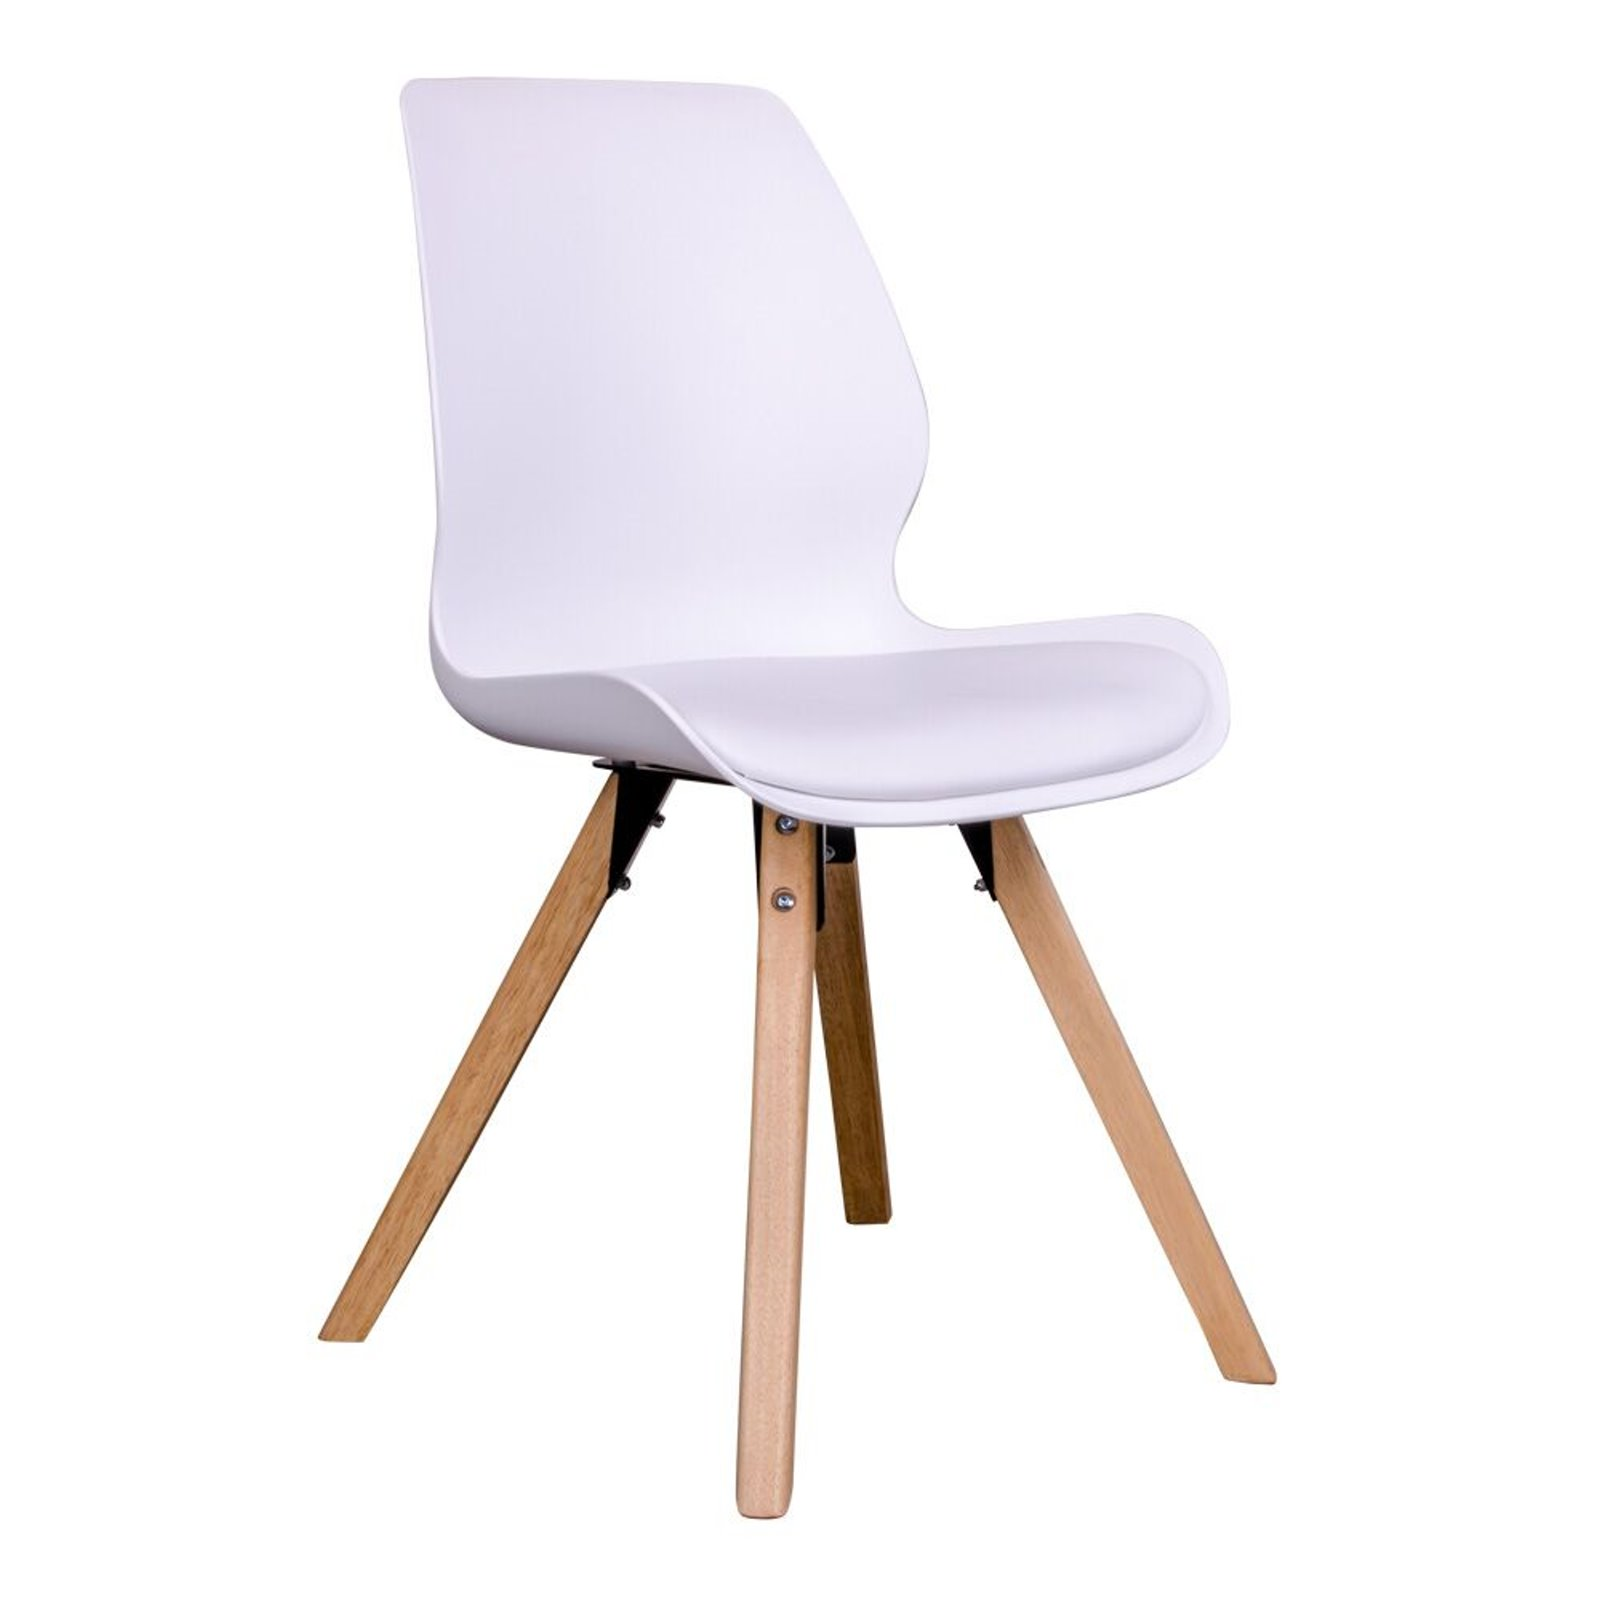 Fesselnde Schalenstuhl Gepolstert Ideen Von 2 X Designerstuhl Rie Weiß Esszimmerstühle Stuhl